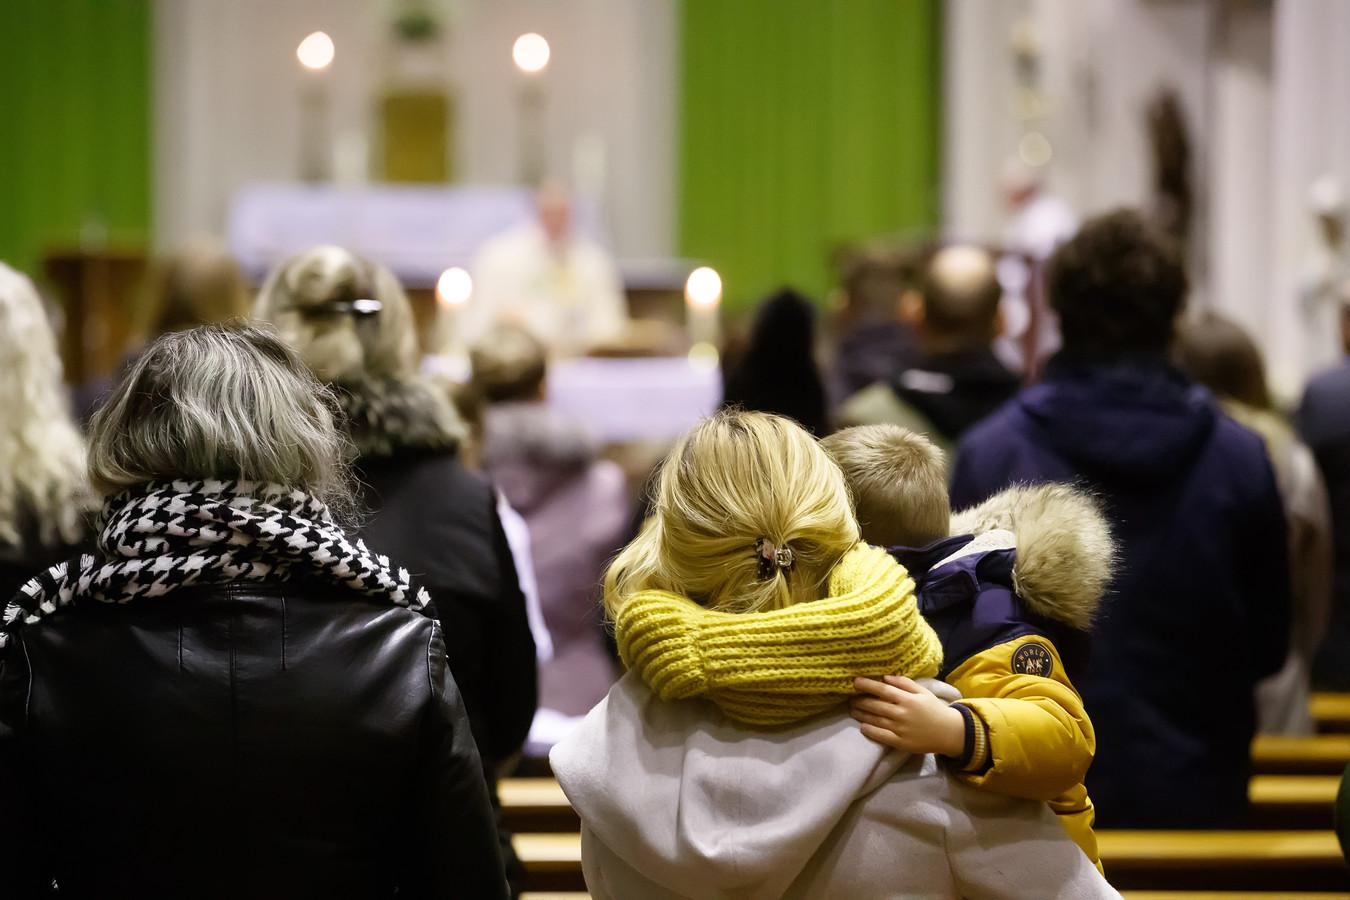 Peuters en kleuters gaan gewoon mee tijdens de maandelijkse kerkdienst voor Polen in de kerk van Nieuw-Vossemeer.